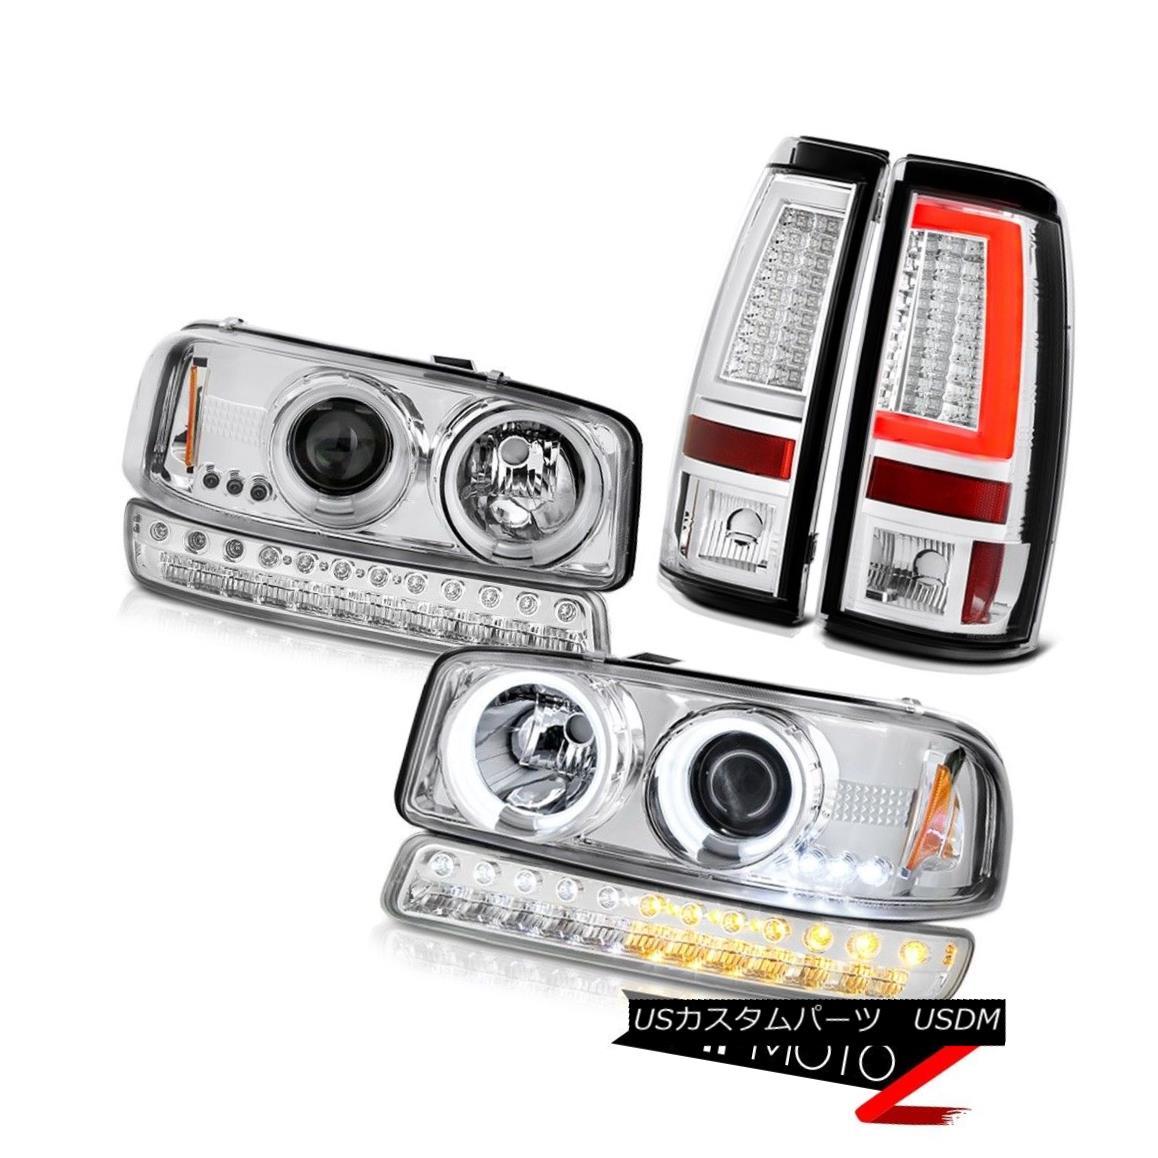 テールライト 1999-2006 GMC Sierra Taillights Signal Lamp CCFL Headlights Halo Ring Halo Rim 1999-2006 GMC Sierraティアライト信号ランプCCFLヘッドライトHalo Ring Halo Rim